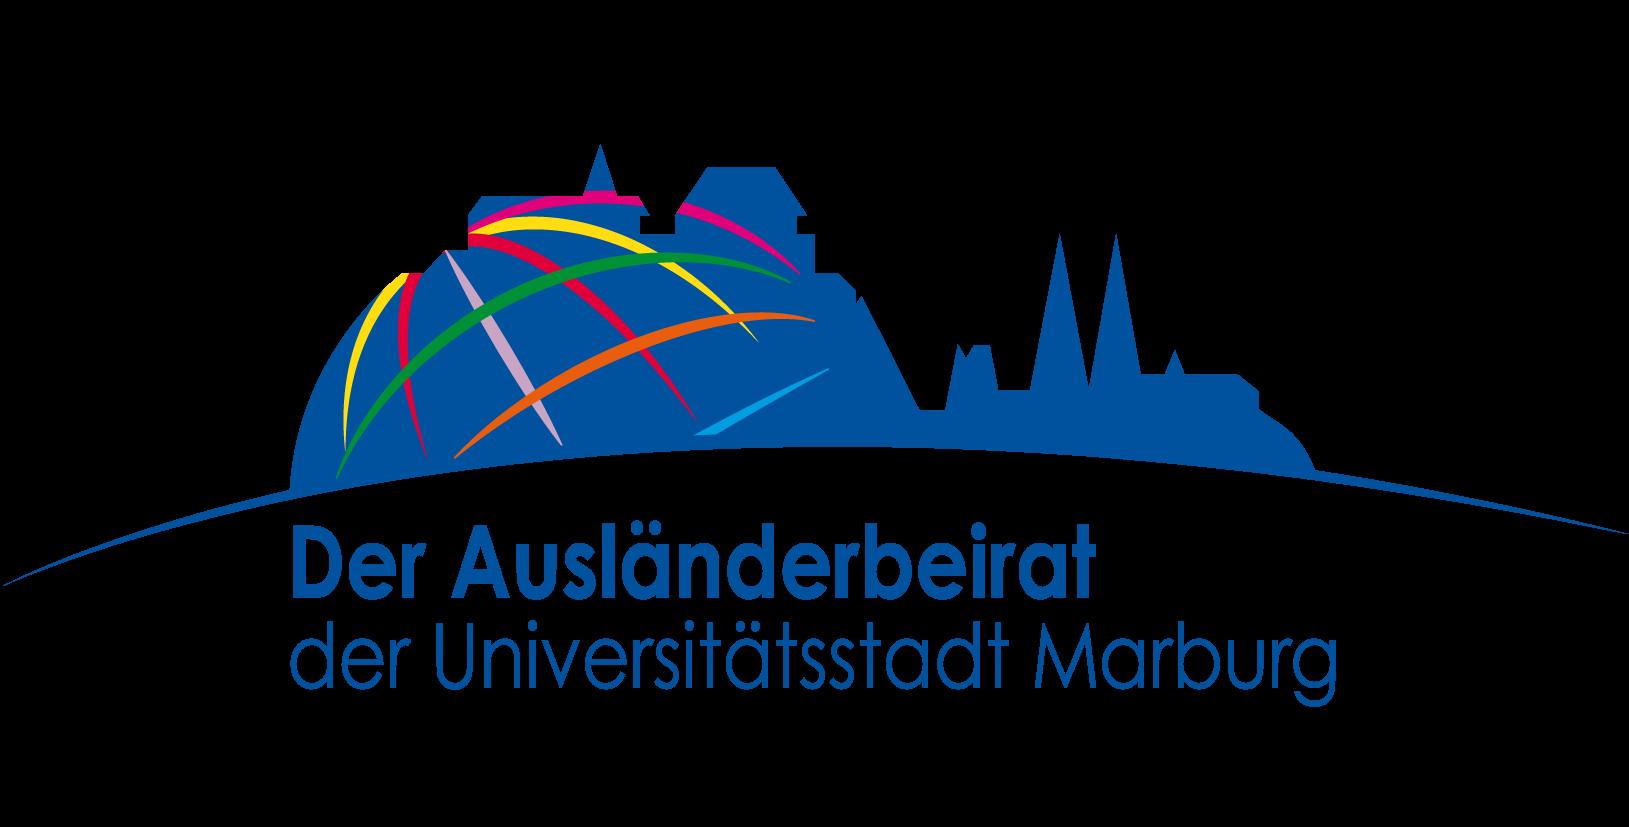 Ausländerbeirat Marburg